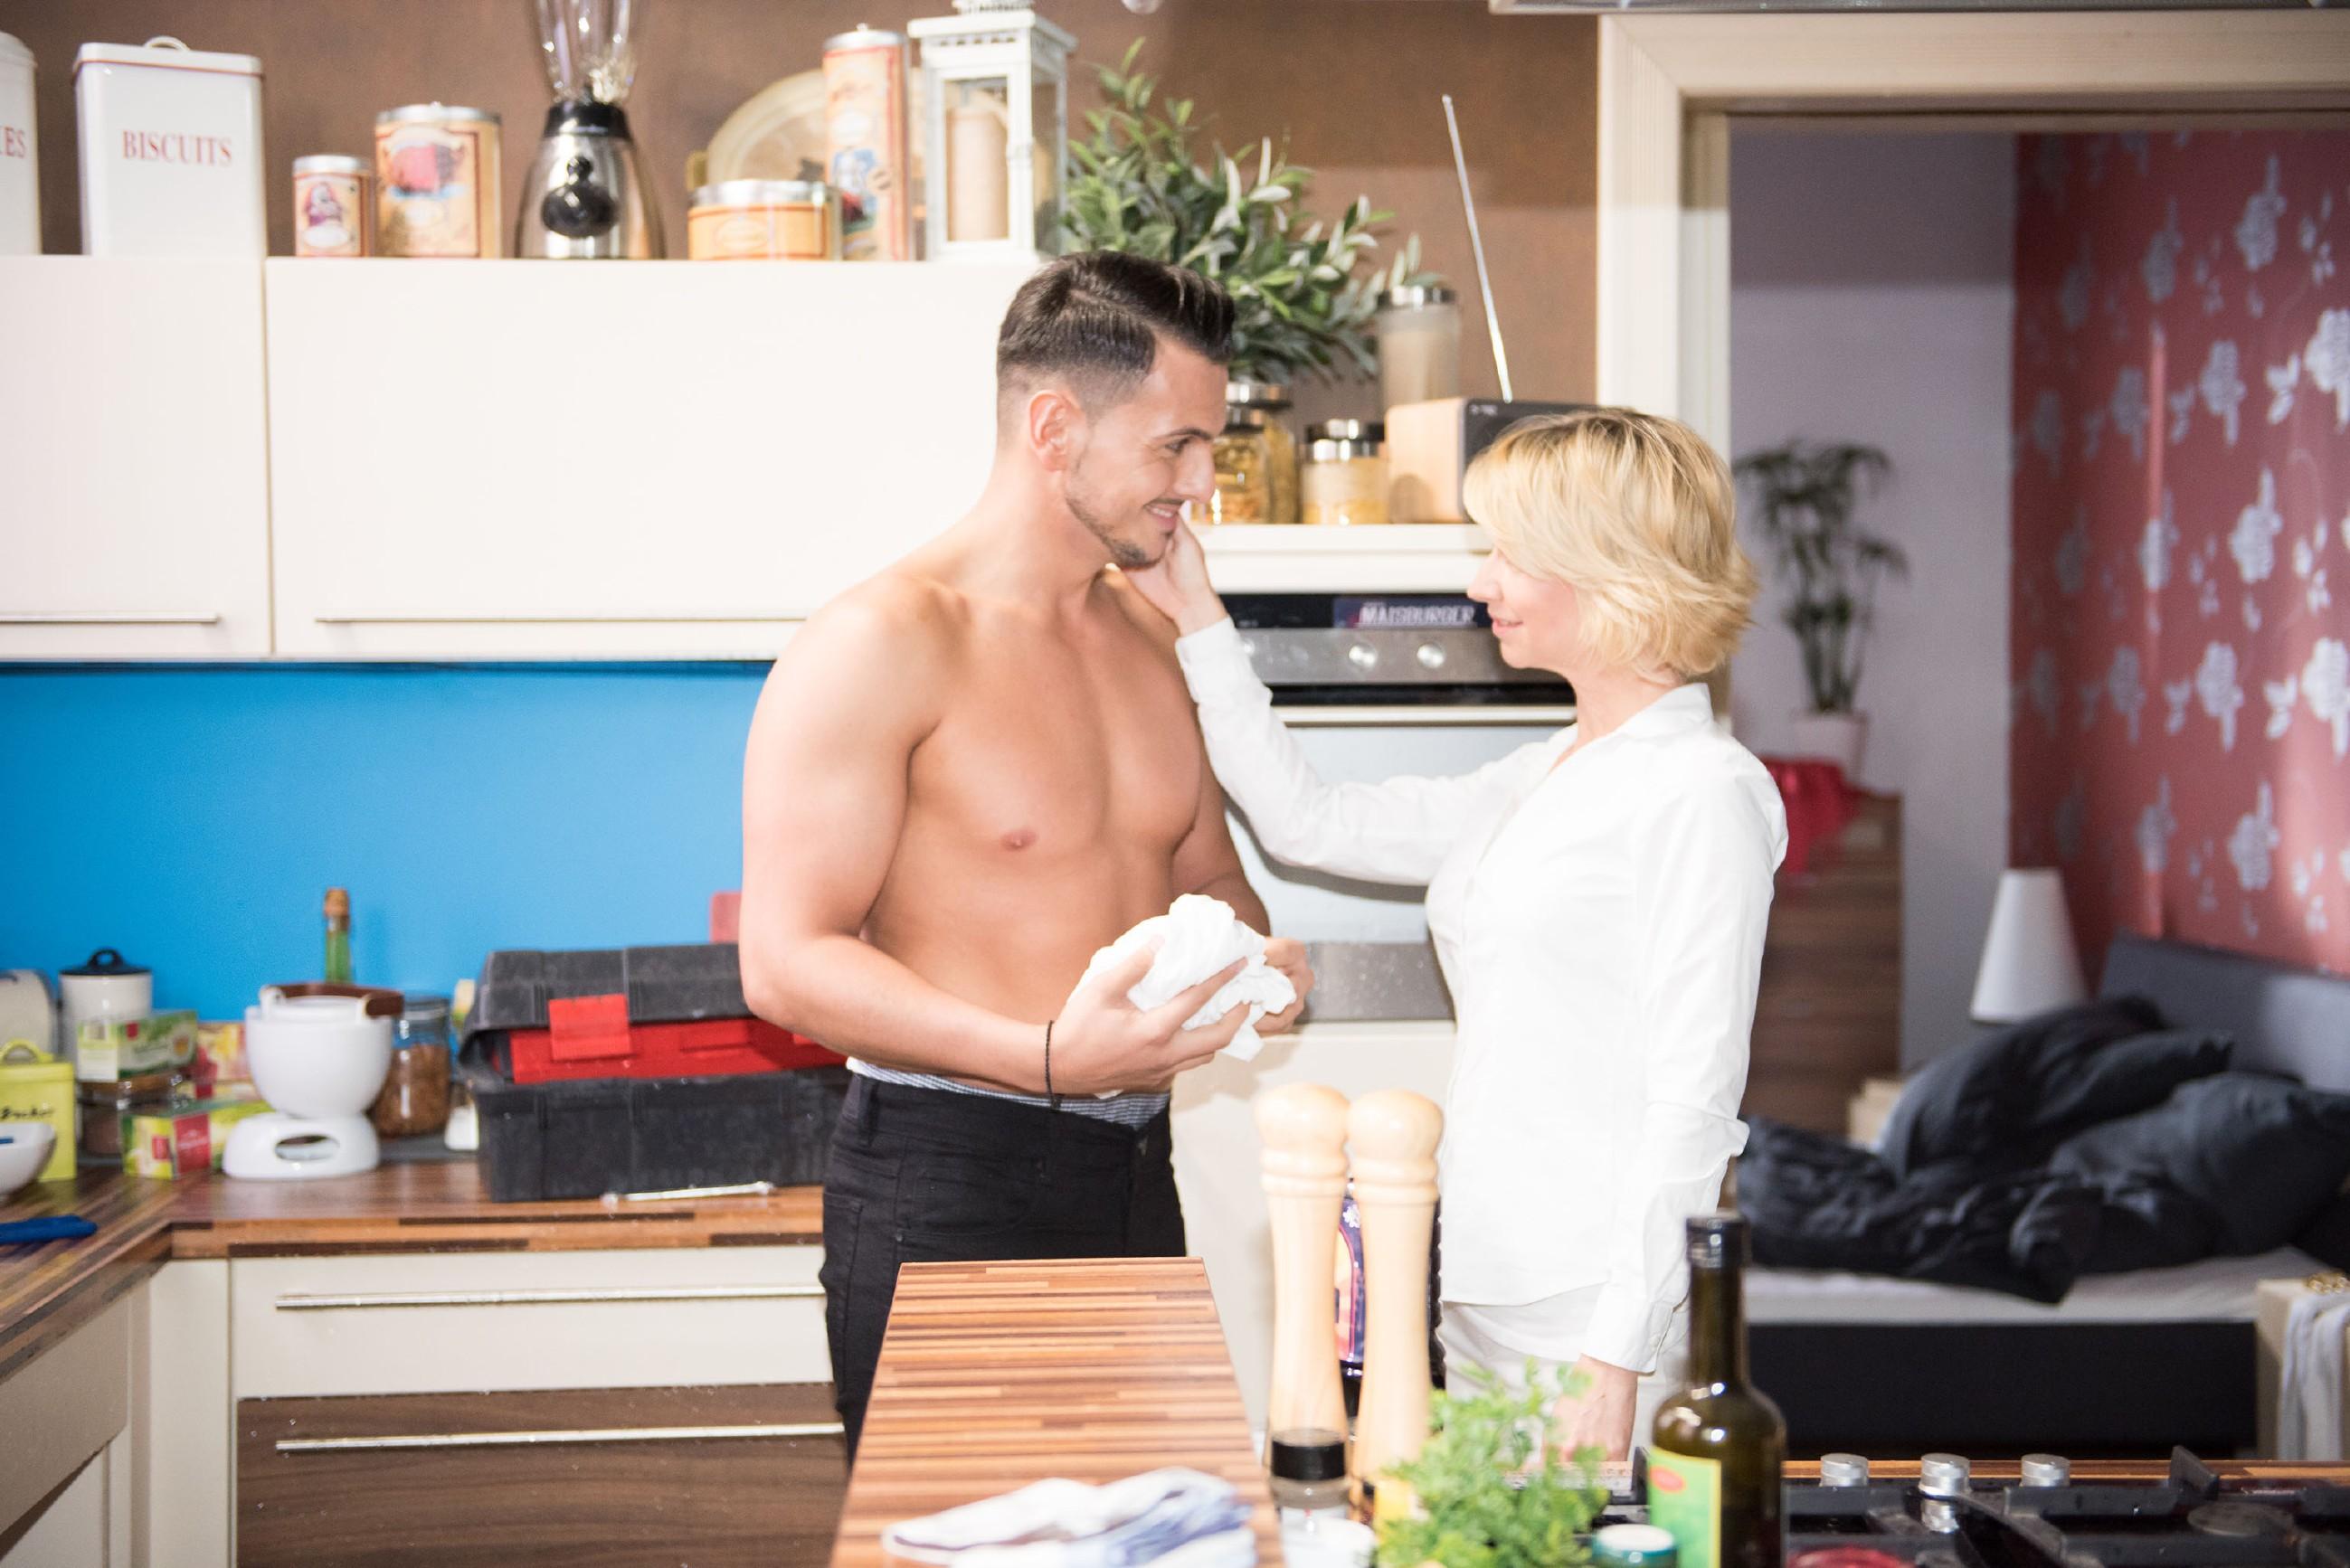 Als Ute (Isabell Hertel) dem halbnackten Nikos (Cronis Karakassidis) in ihrer Wohnung gegenüber steht, funkt es gewaltig zwischen den beiden... (Quelle: RTL / Stefan Behrens)